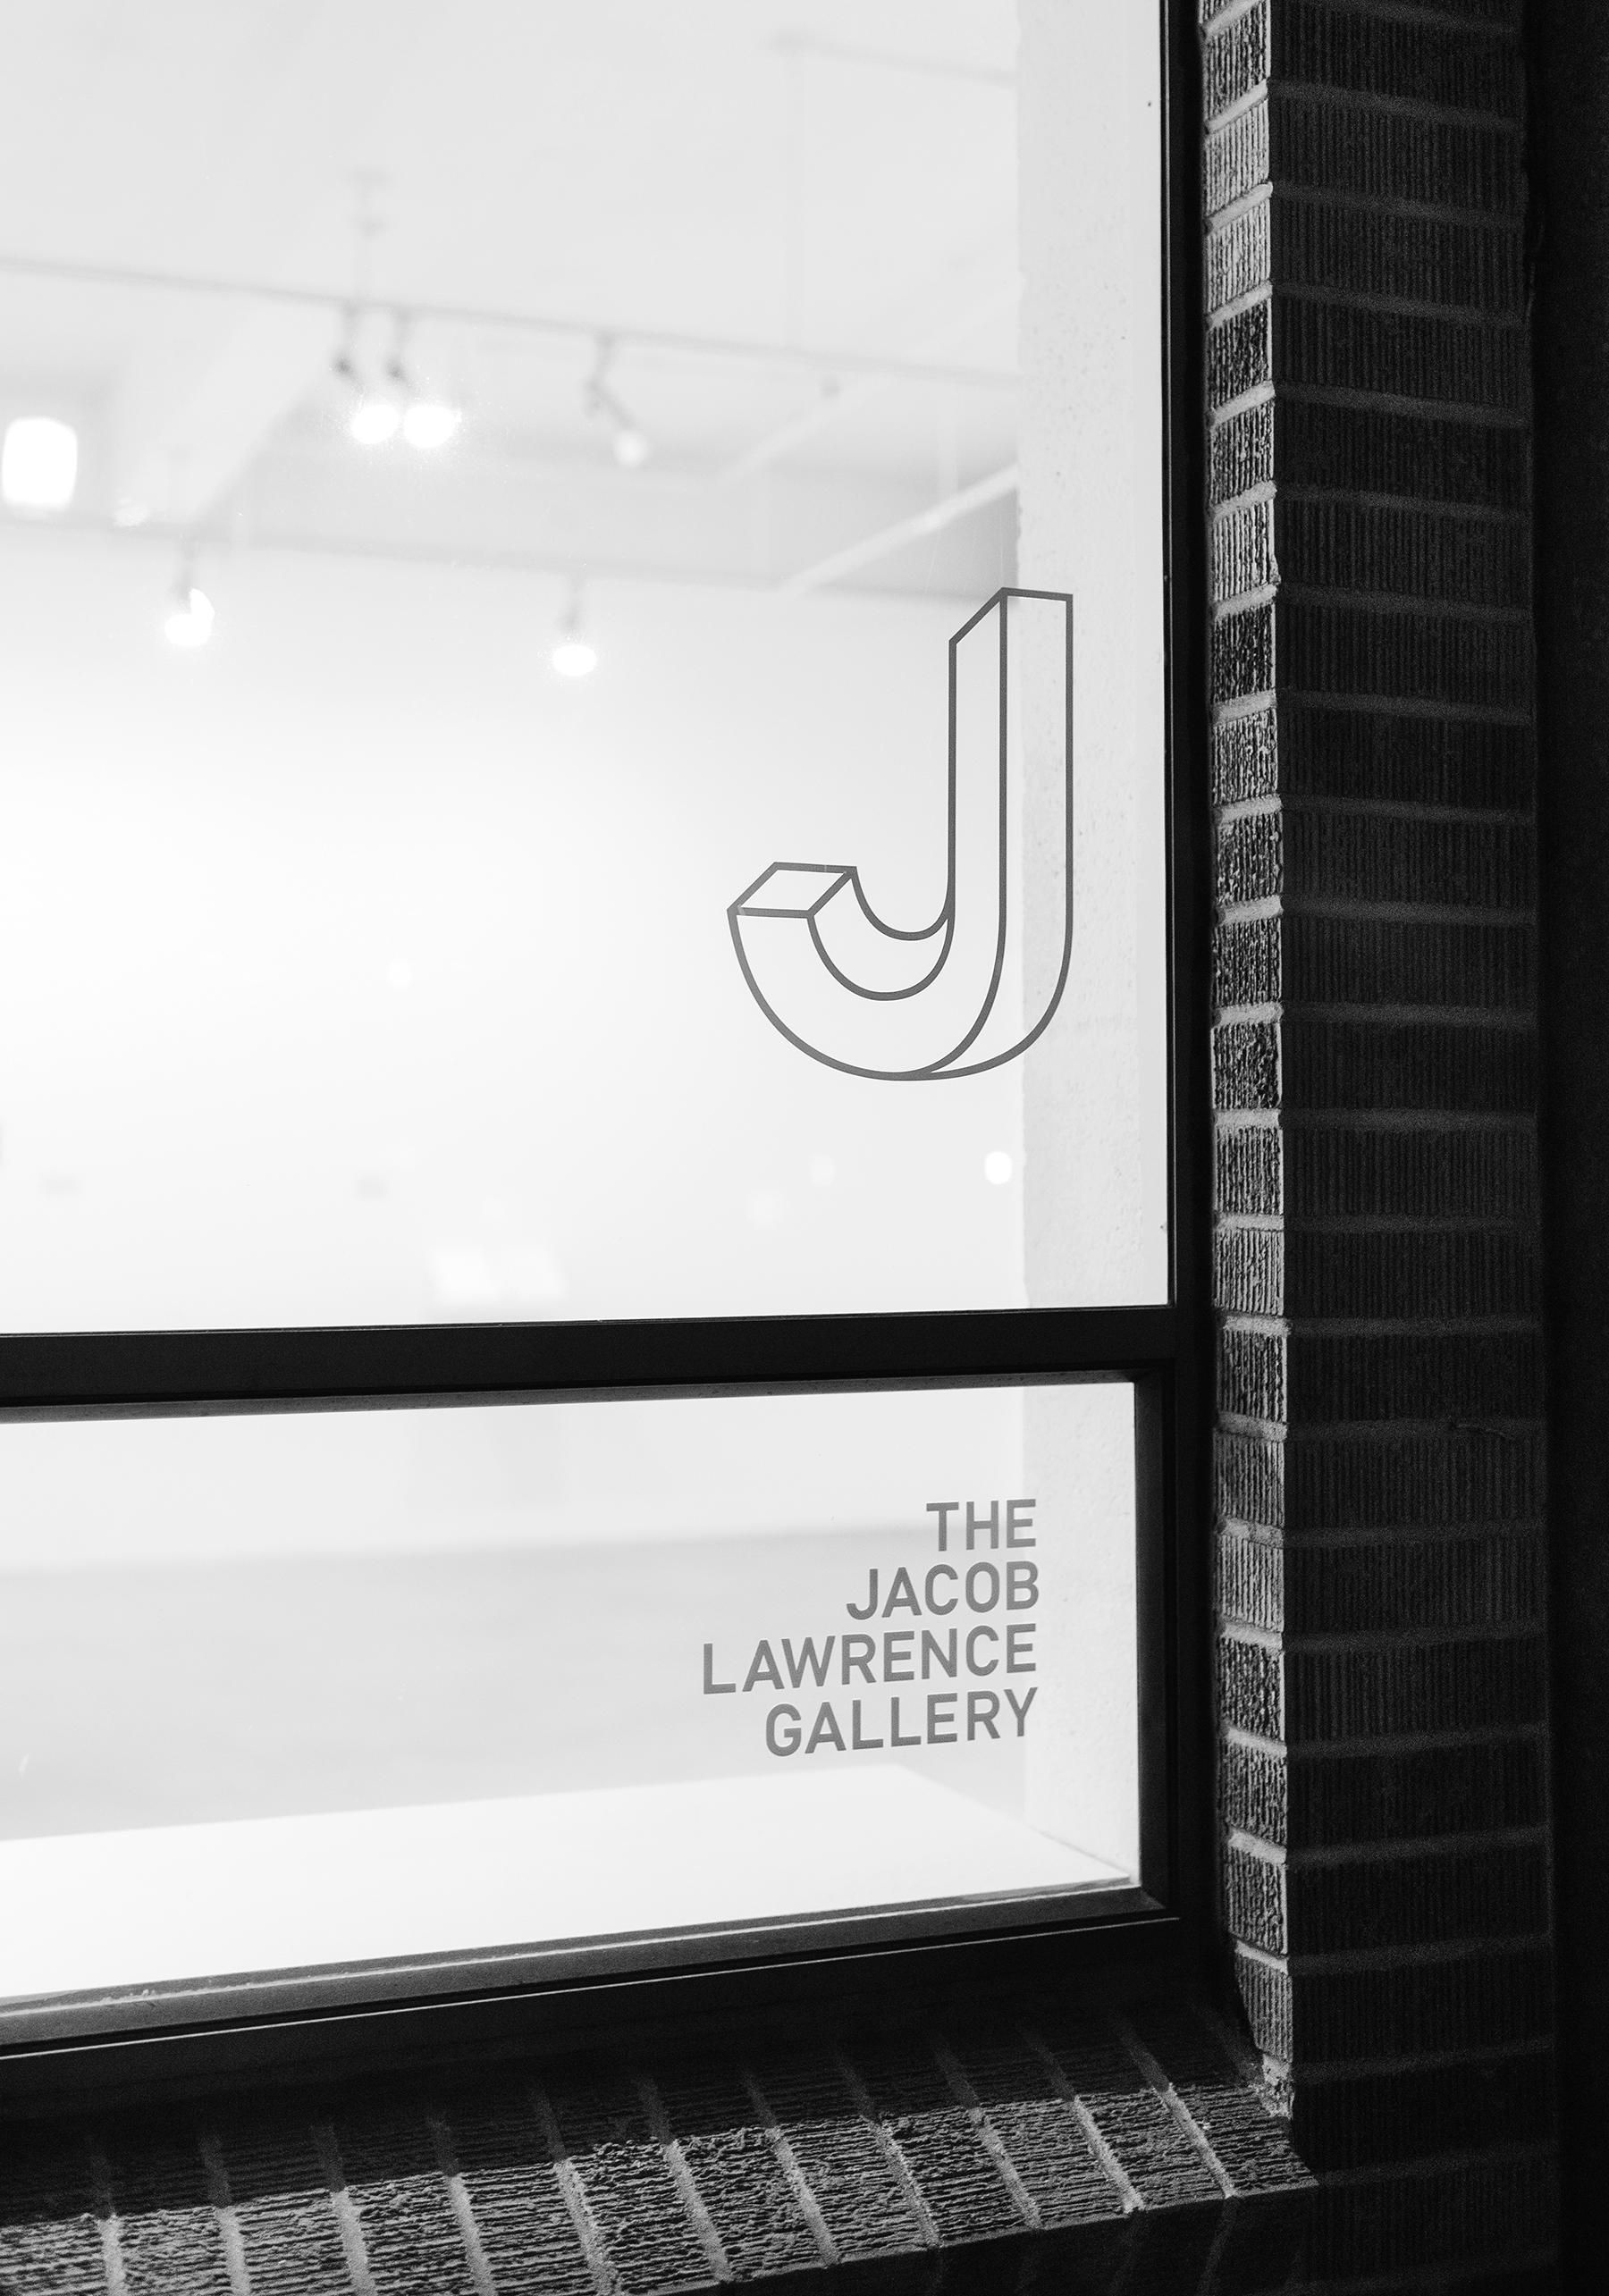 JacobLawrenceGallery_StudioMatthews_03.jpeg